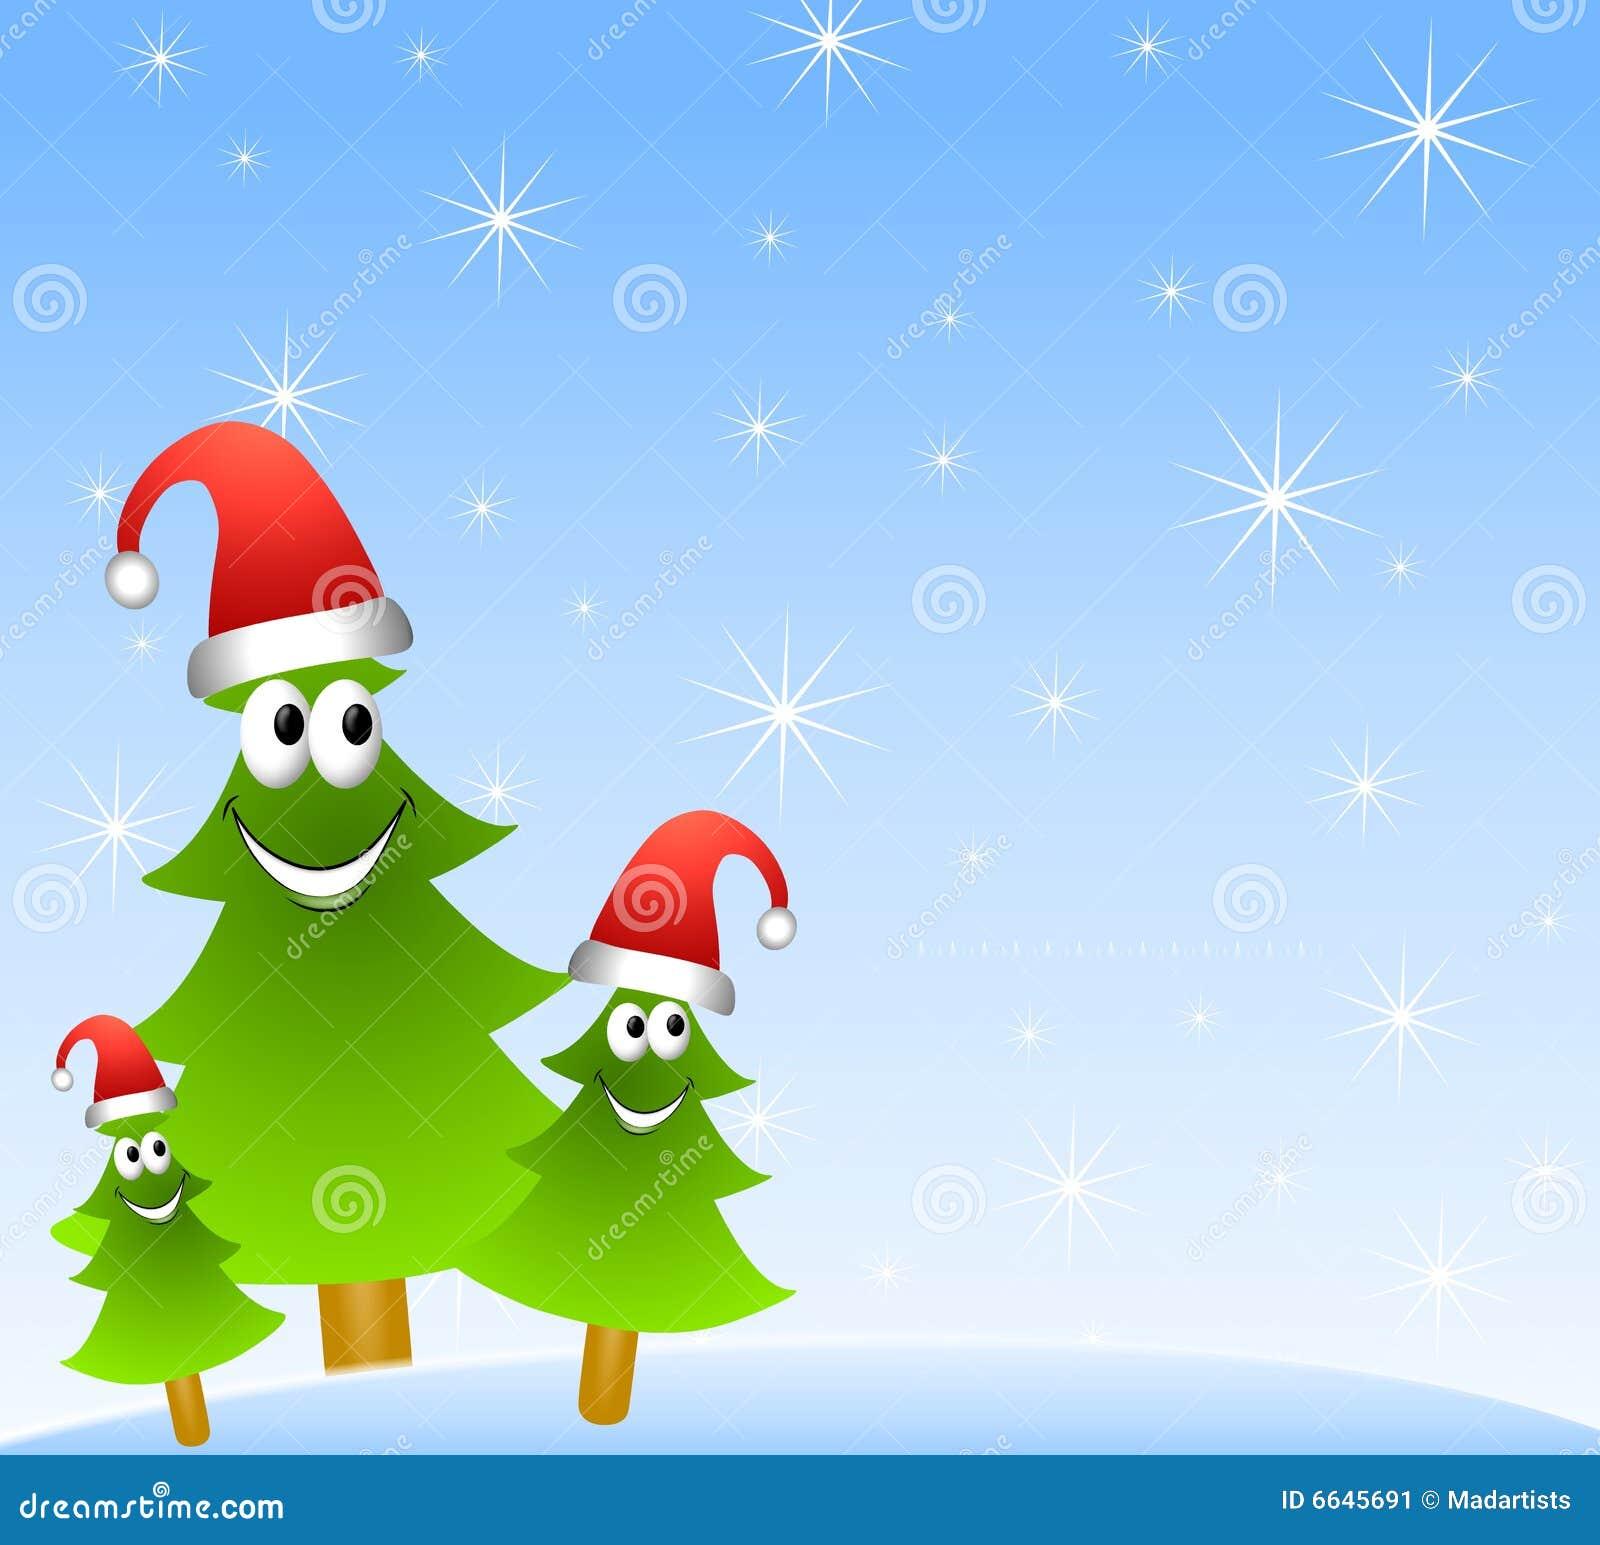 cartoon christmas tree group stock image image 6645691